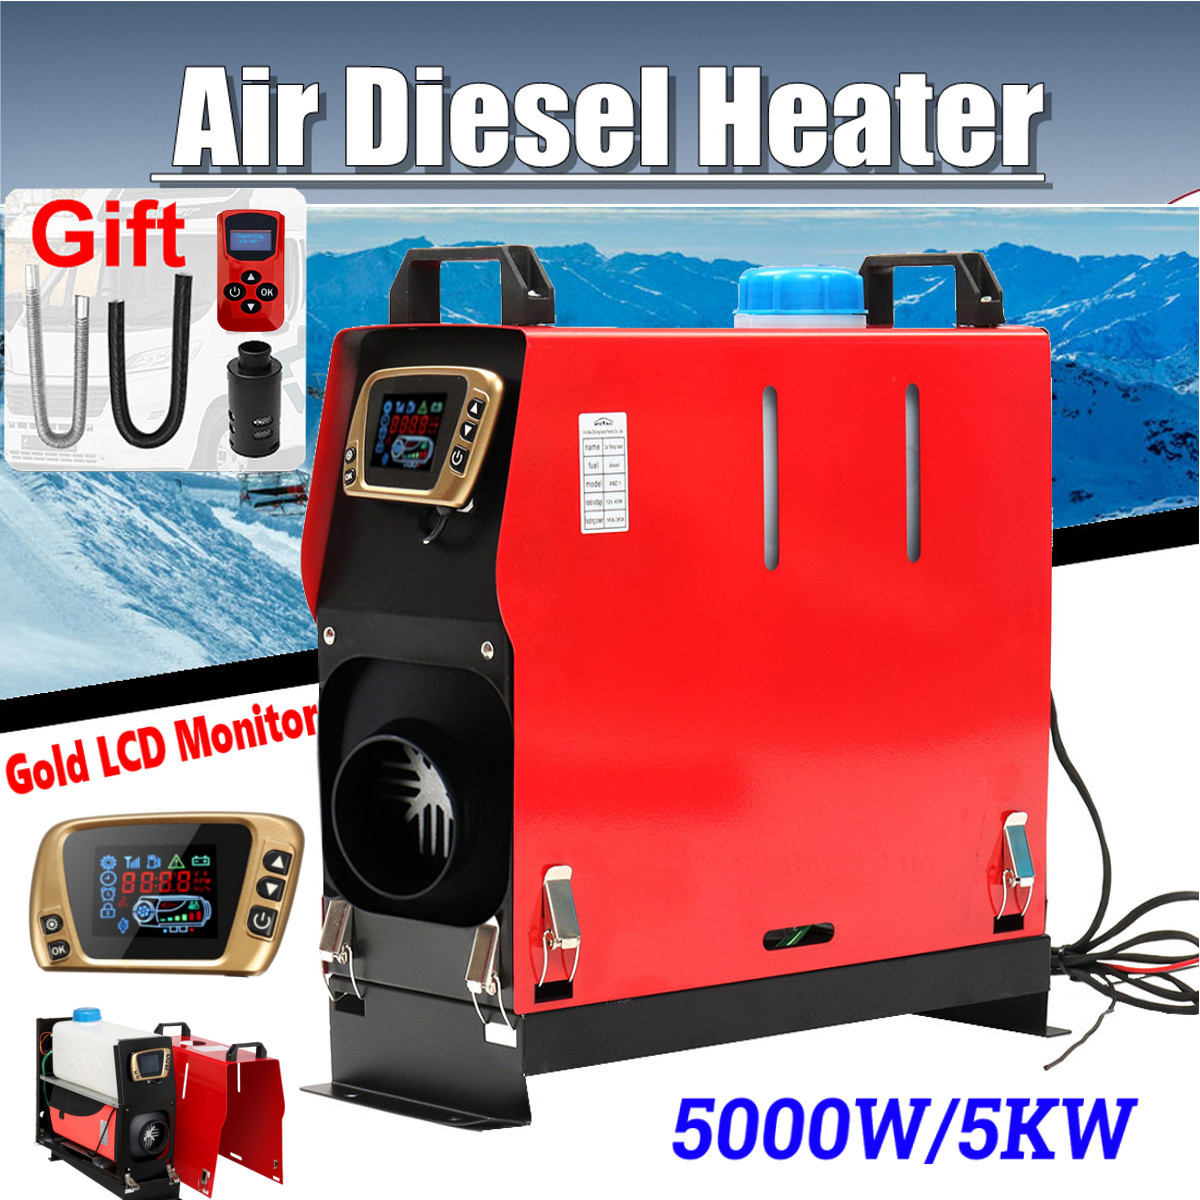 Все в одном 5000 Вт воздушные Дизели нагреватель 5квт 12 в автомобильный нагреватель для грузовиков моторных домов лодки автобус + новейший ЖК ...